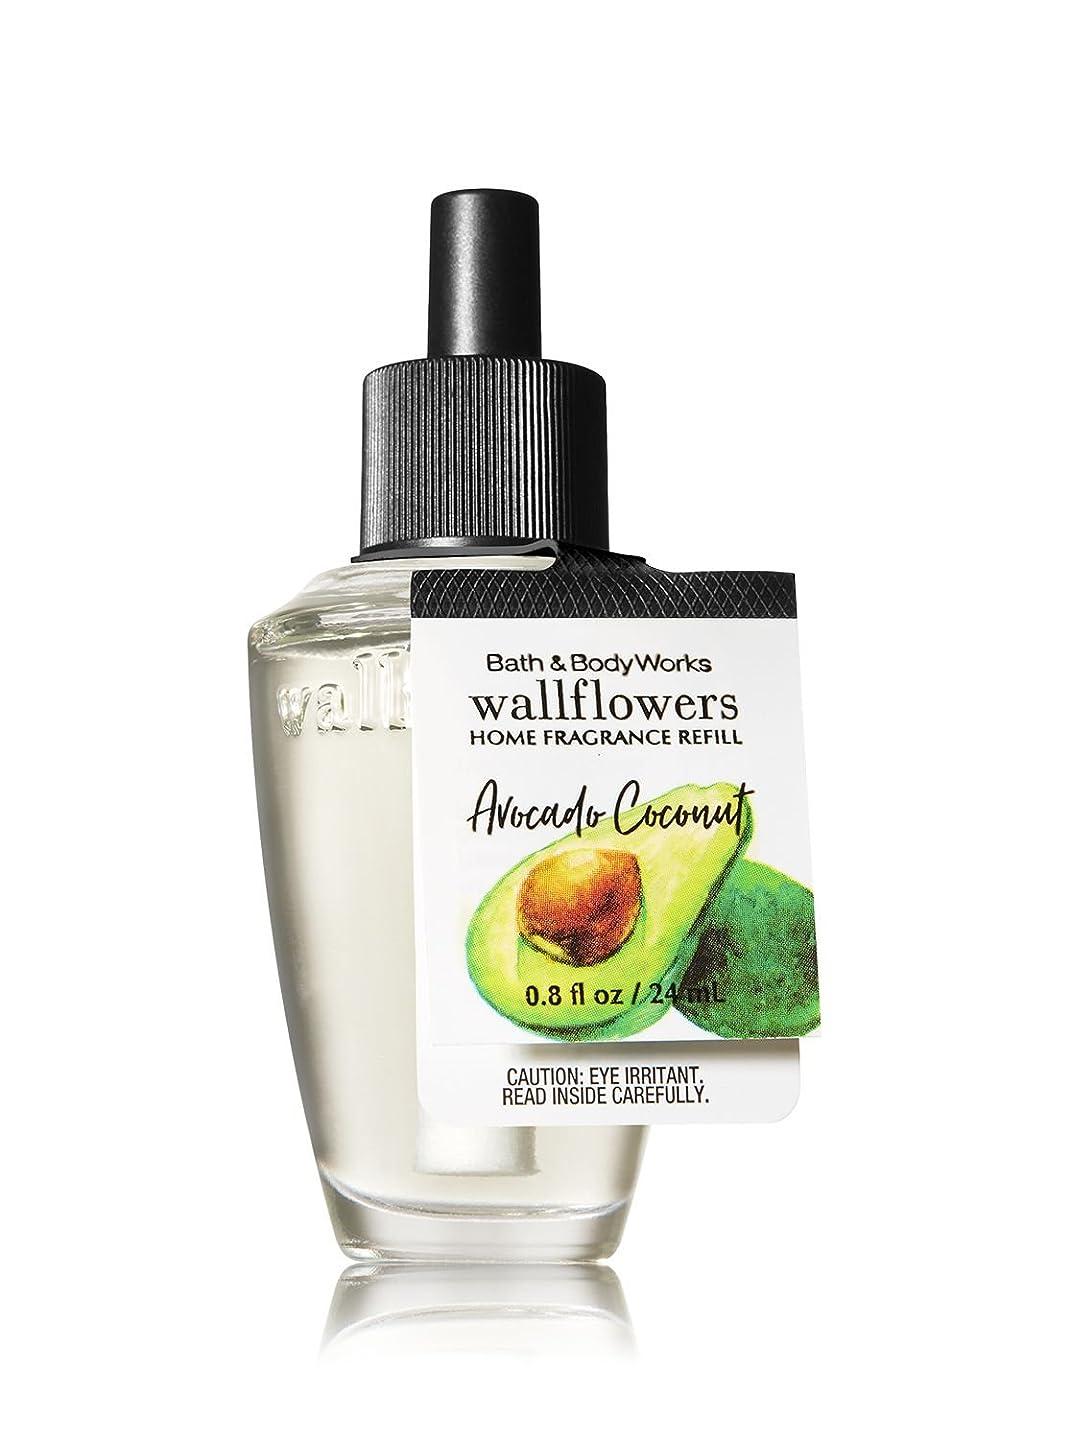 読む兵隊接続された【Bath&Body Works/バス&ボディワークス】 ルームフレグランス 詰替えリフィル アボカドココナッツ Wallflowers Home Fragrance Refill Avocado Coconut [並行輸入品]